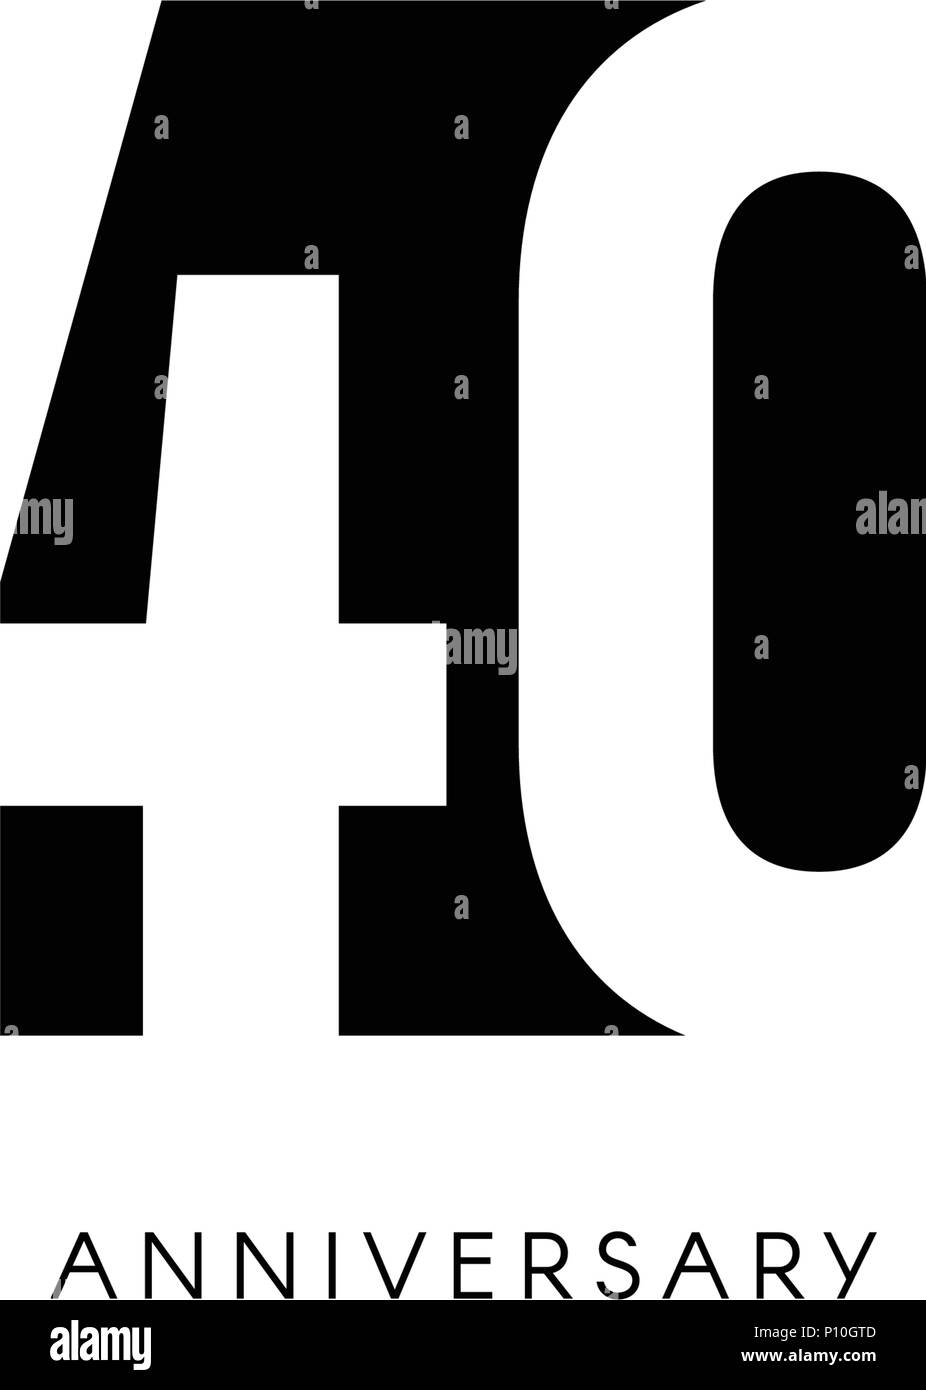 Quarante Ans Logo Minimaliste 40ans 40eme Jubile Carte De Vœux Invitation D Anniversaire 40 Ans Signe Illustration Vecteur De L Espace Negatif Noir Sur Fond Blanc Image Vectorielle Stock Alamy